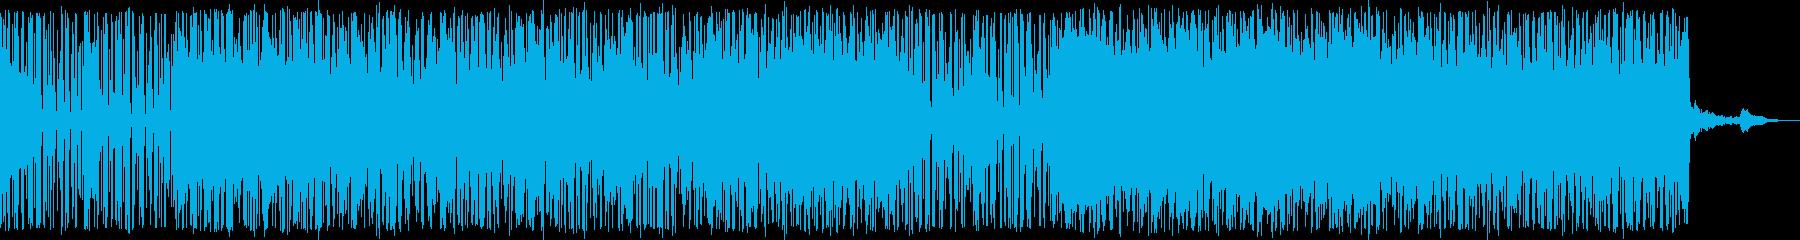 絶体絶命絶望のピンチで疾走の脳内パニックの再生済みの波形